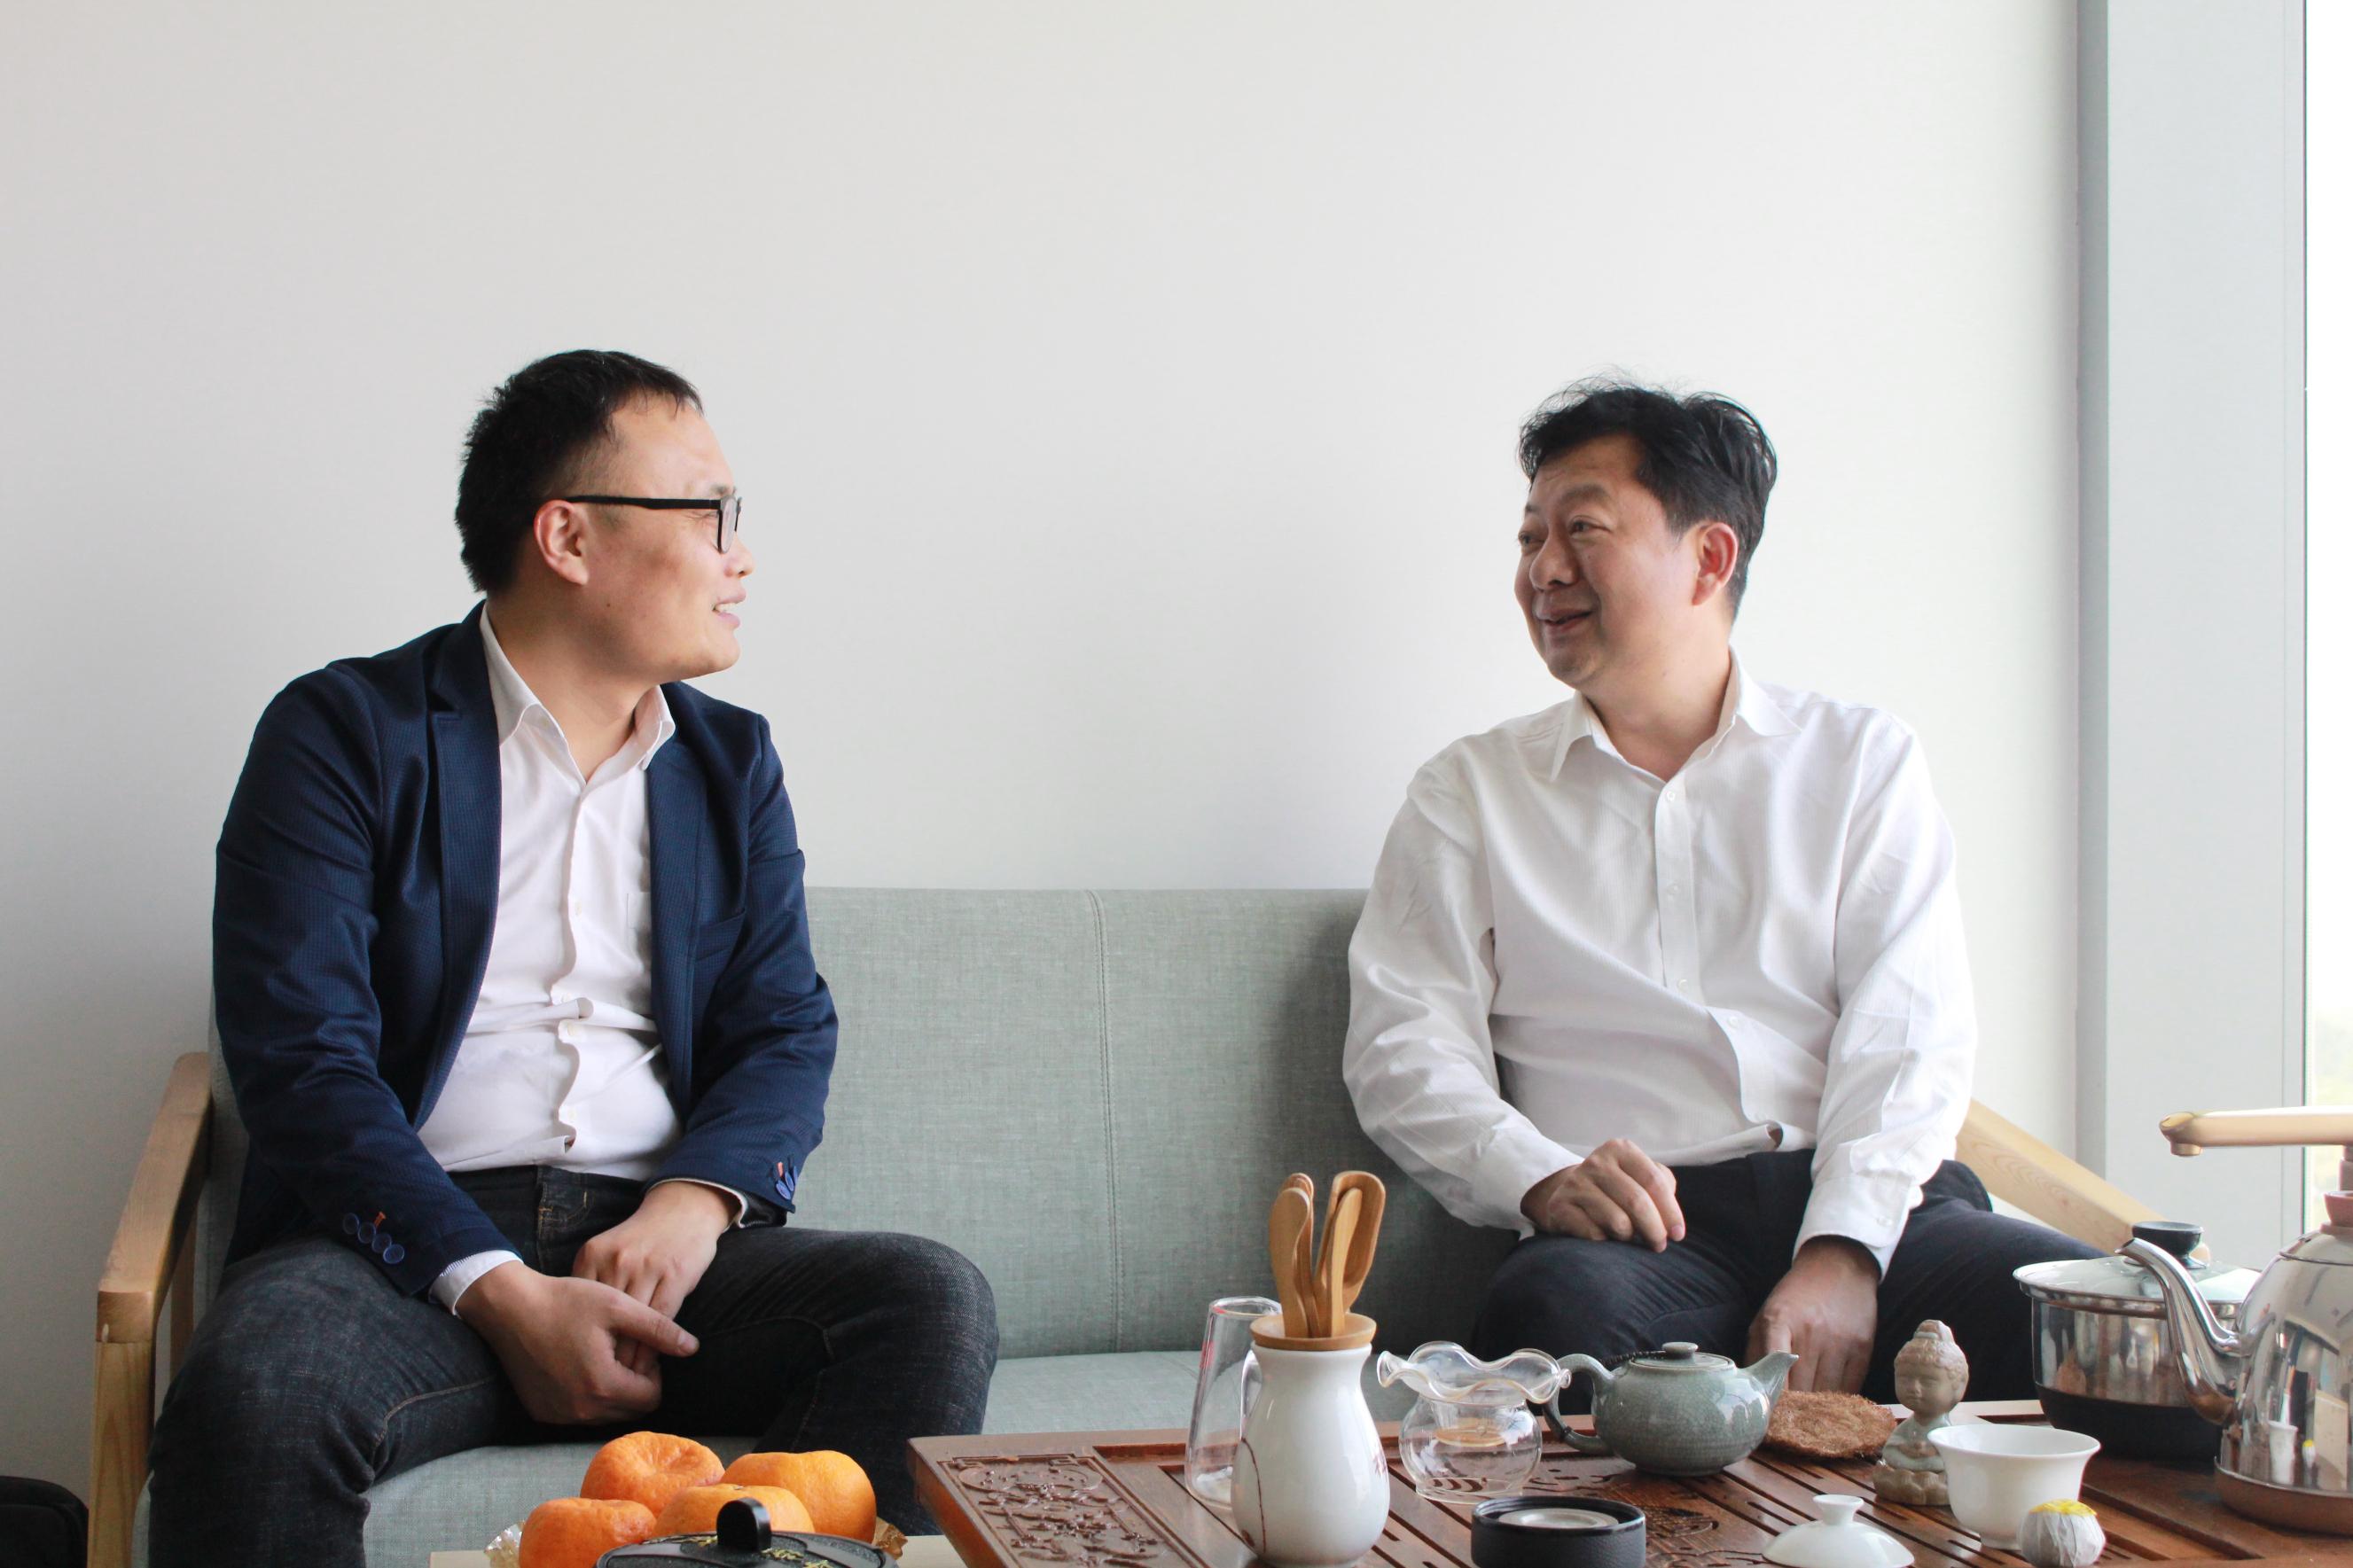 正大集团湛江项目资深总裁杨军(右)         爱猪网主编兼CEO战伟交流(左)